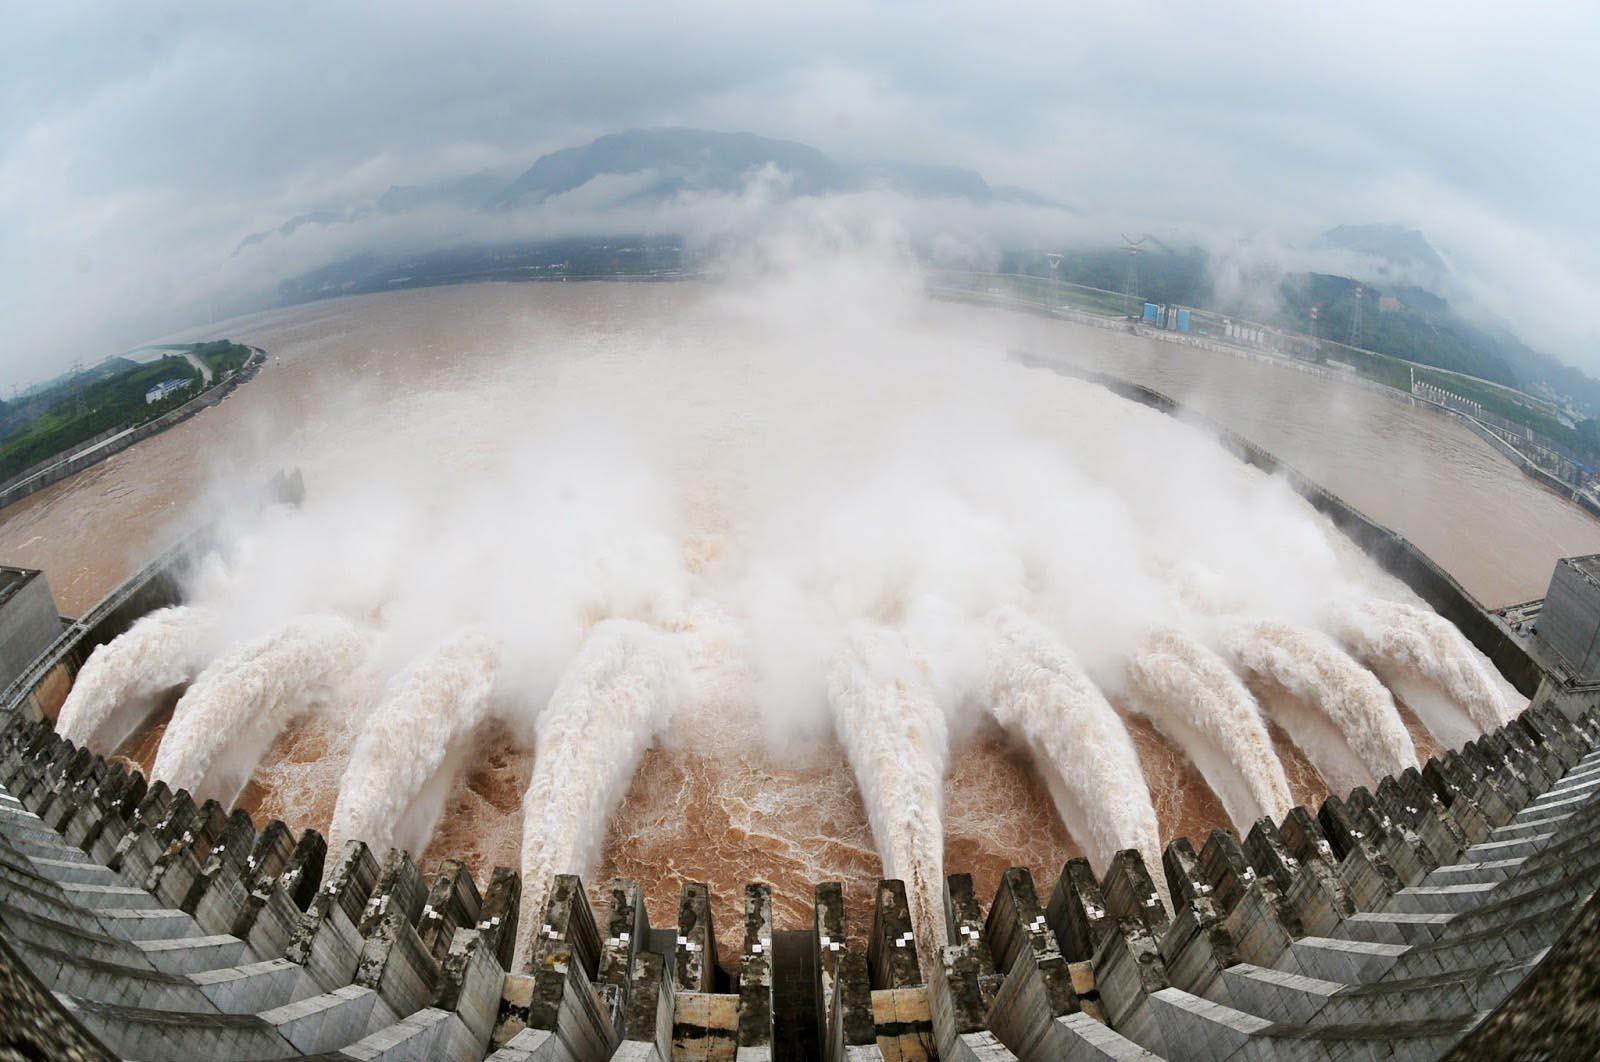 El incidente tuvo lugar al sur de Vietnam cuando los acusados ingresaron a una presa y activaron una válvula que liberó el agua